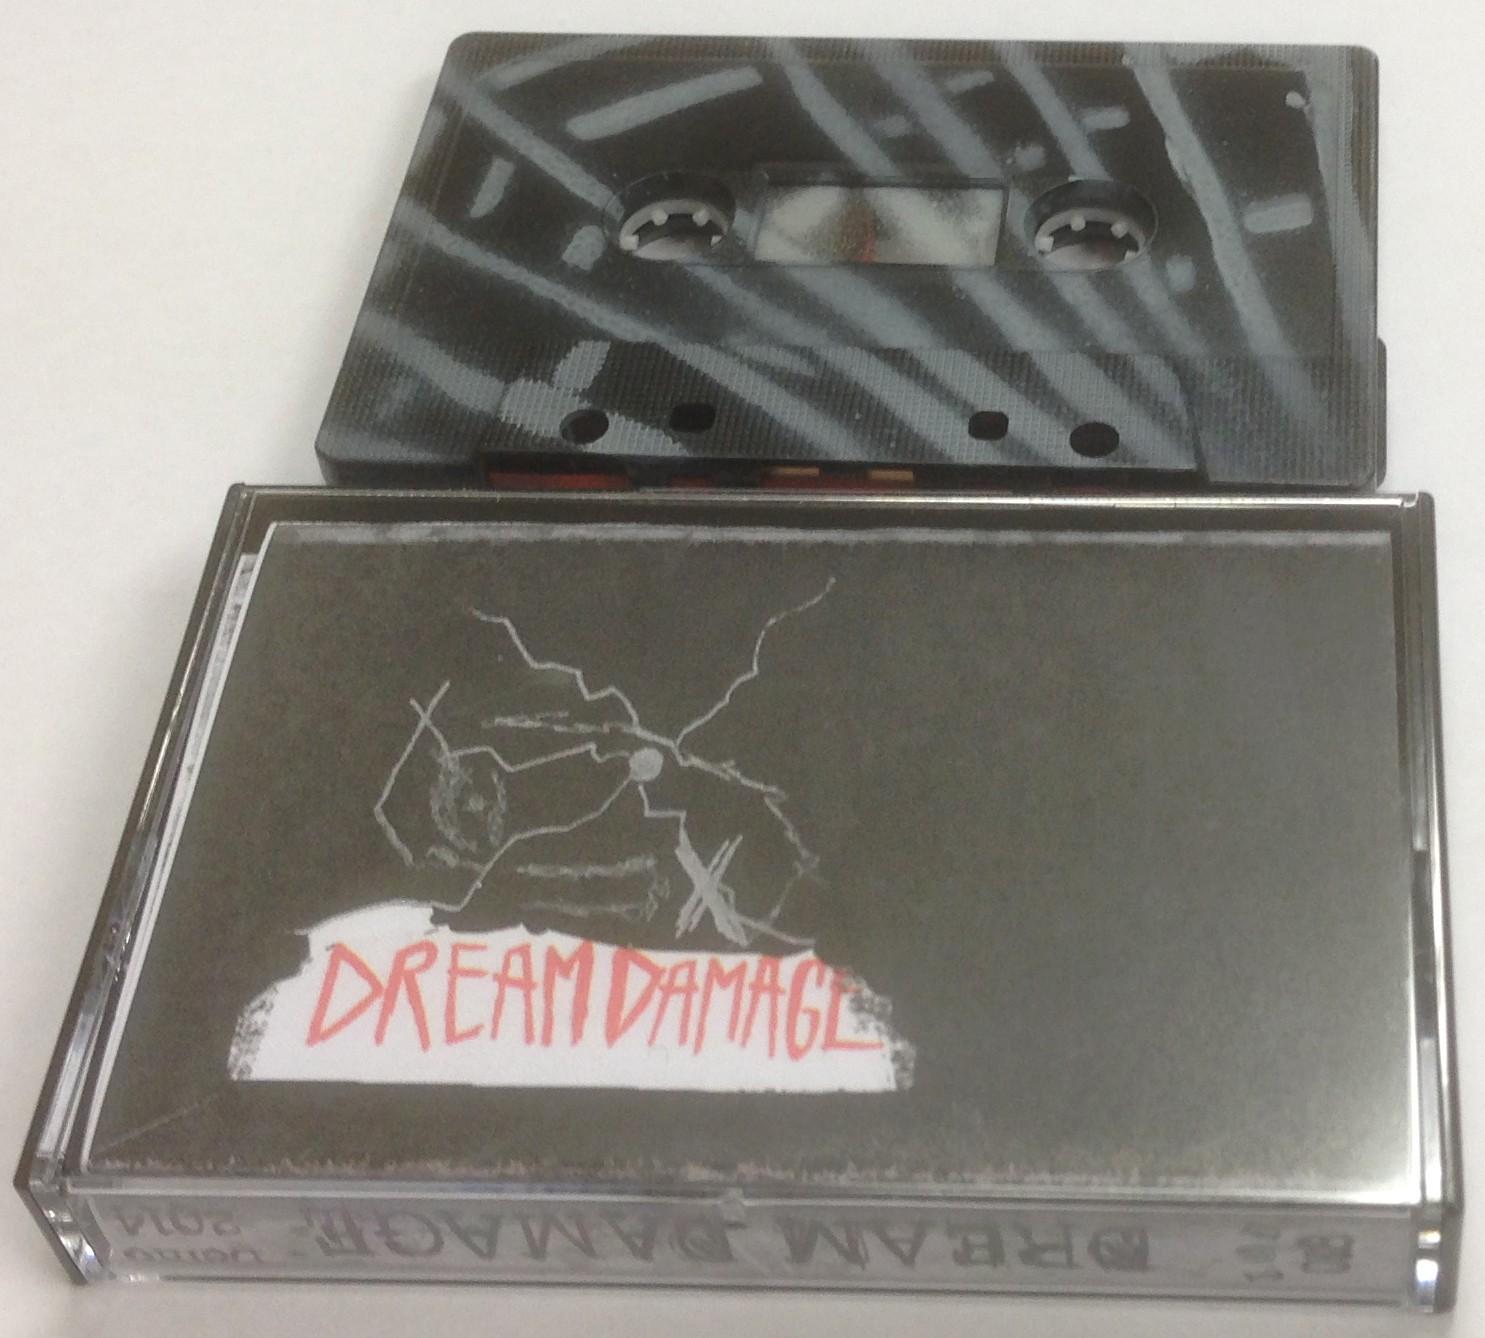 Dream Damage - Demo - Tape